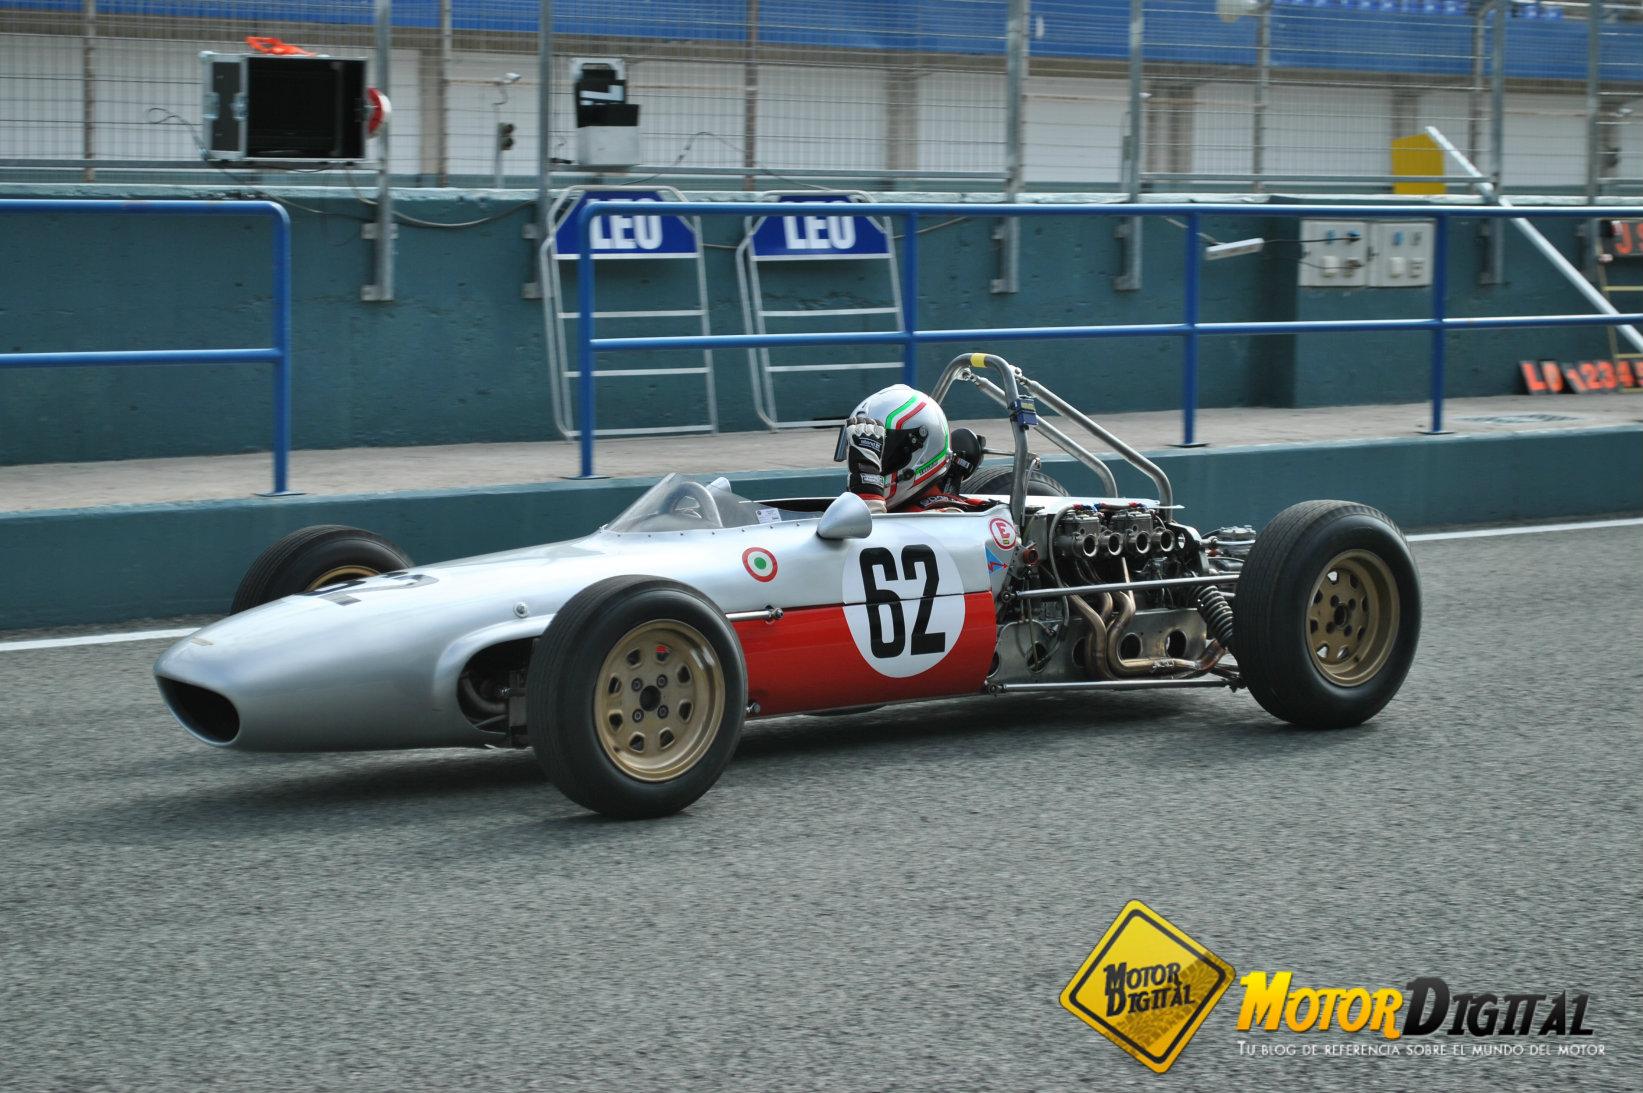 Festival de Históricos del Automovilismo en el Circuito de Jerez (IV)